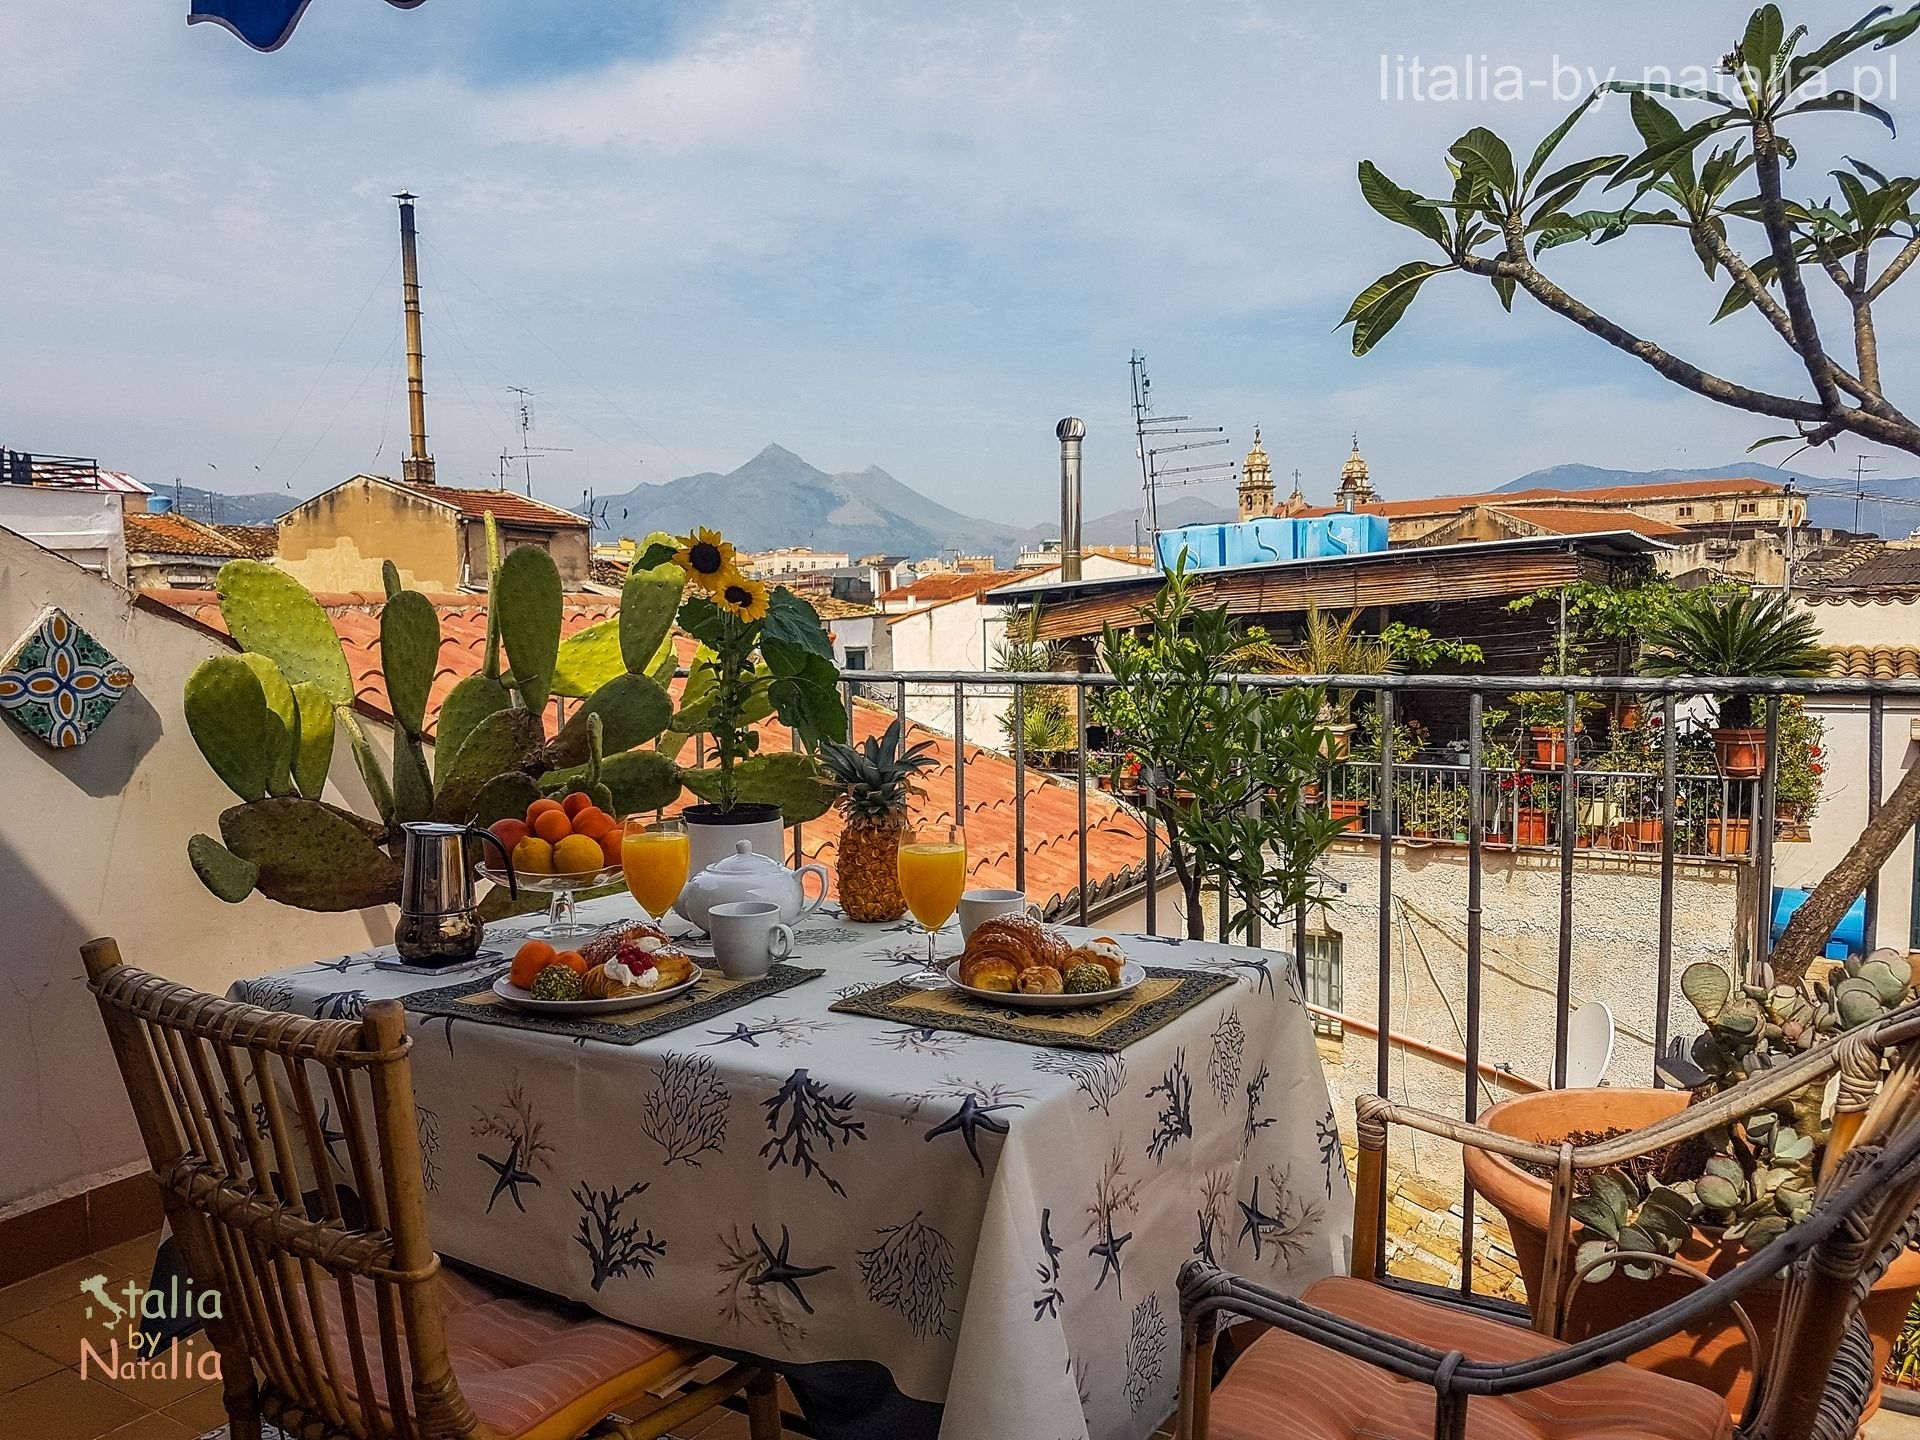 jak zwiedzać Palermo